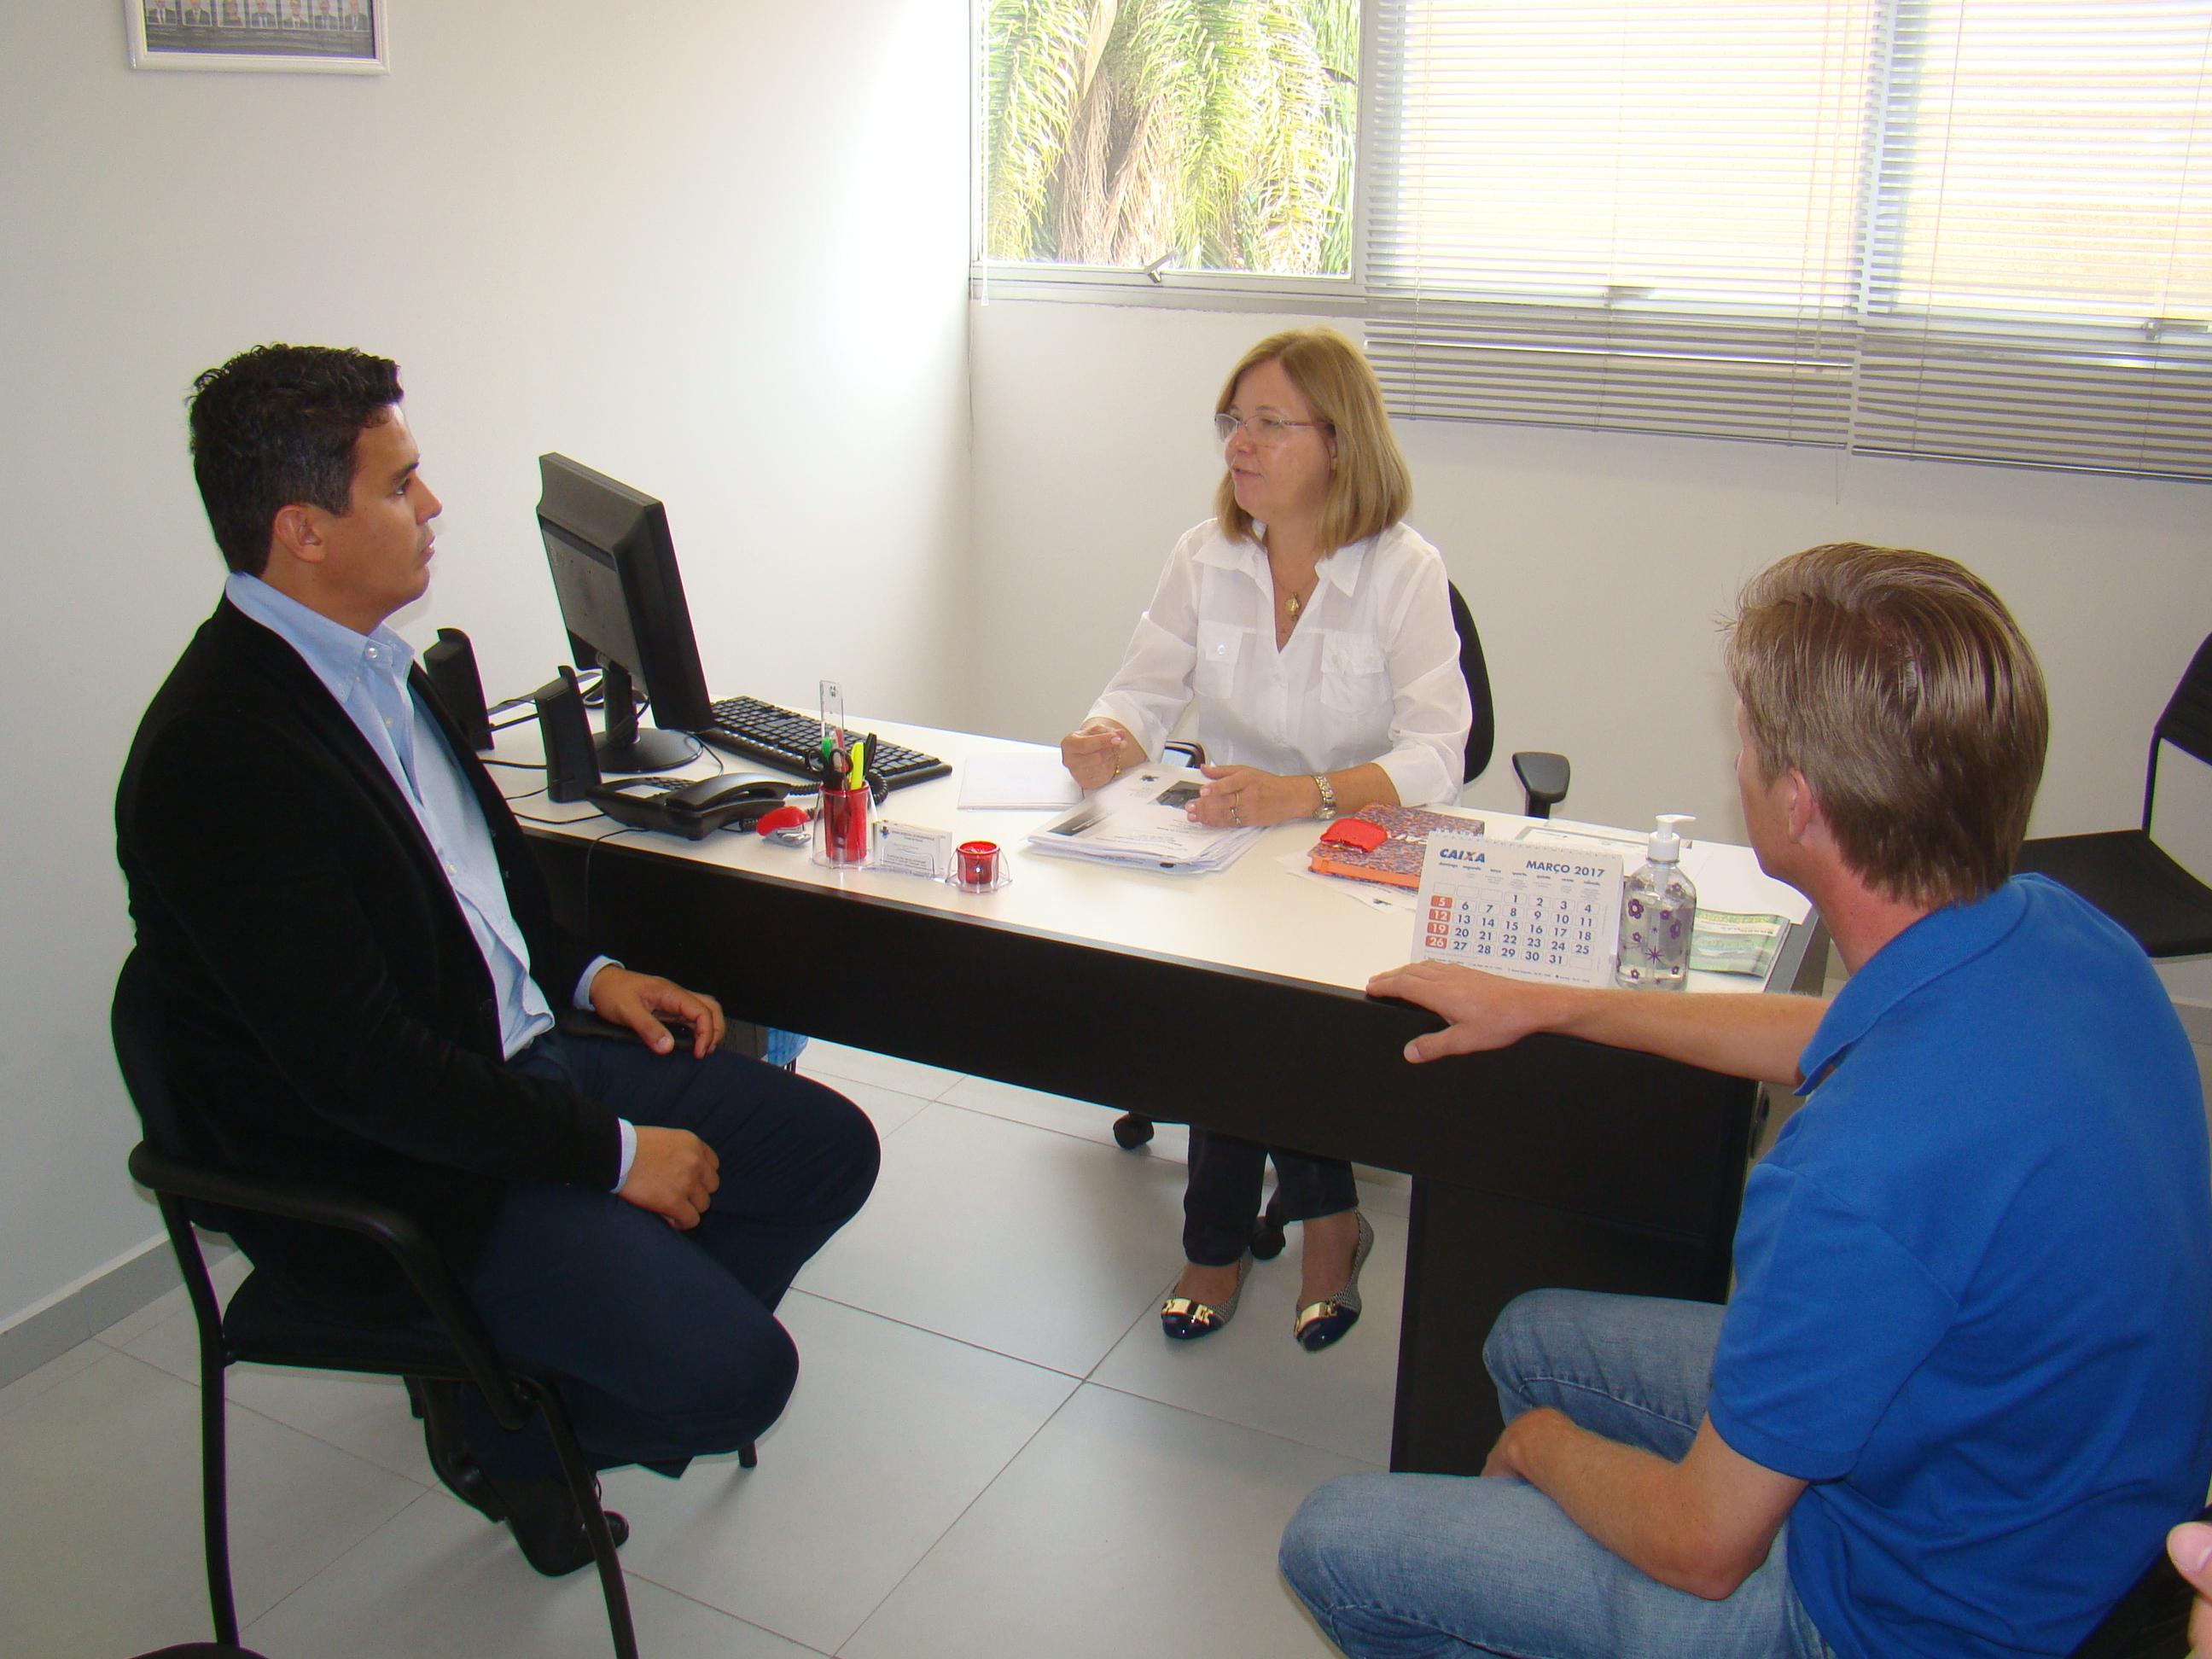 Deputado Diego Garcia reuniu-se com a Vereadora Soraia e representante do PHS, Tarc�sio Kraiczek